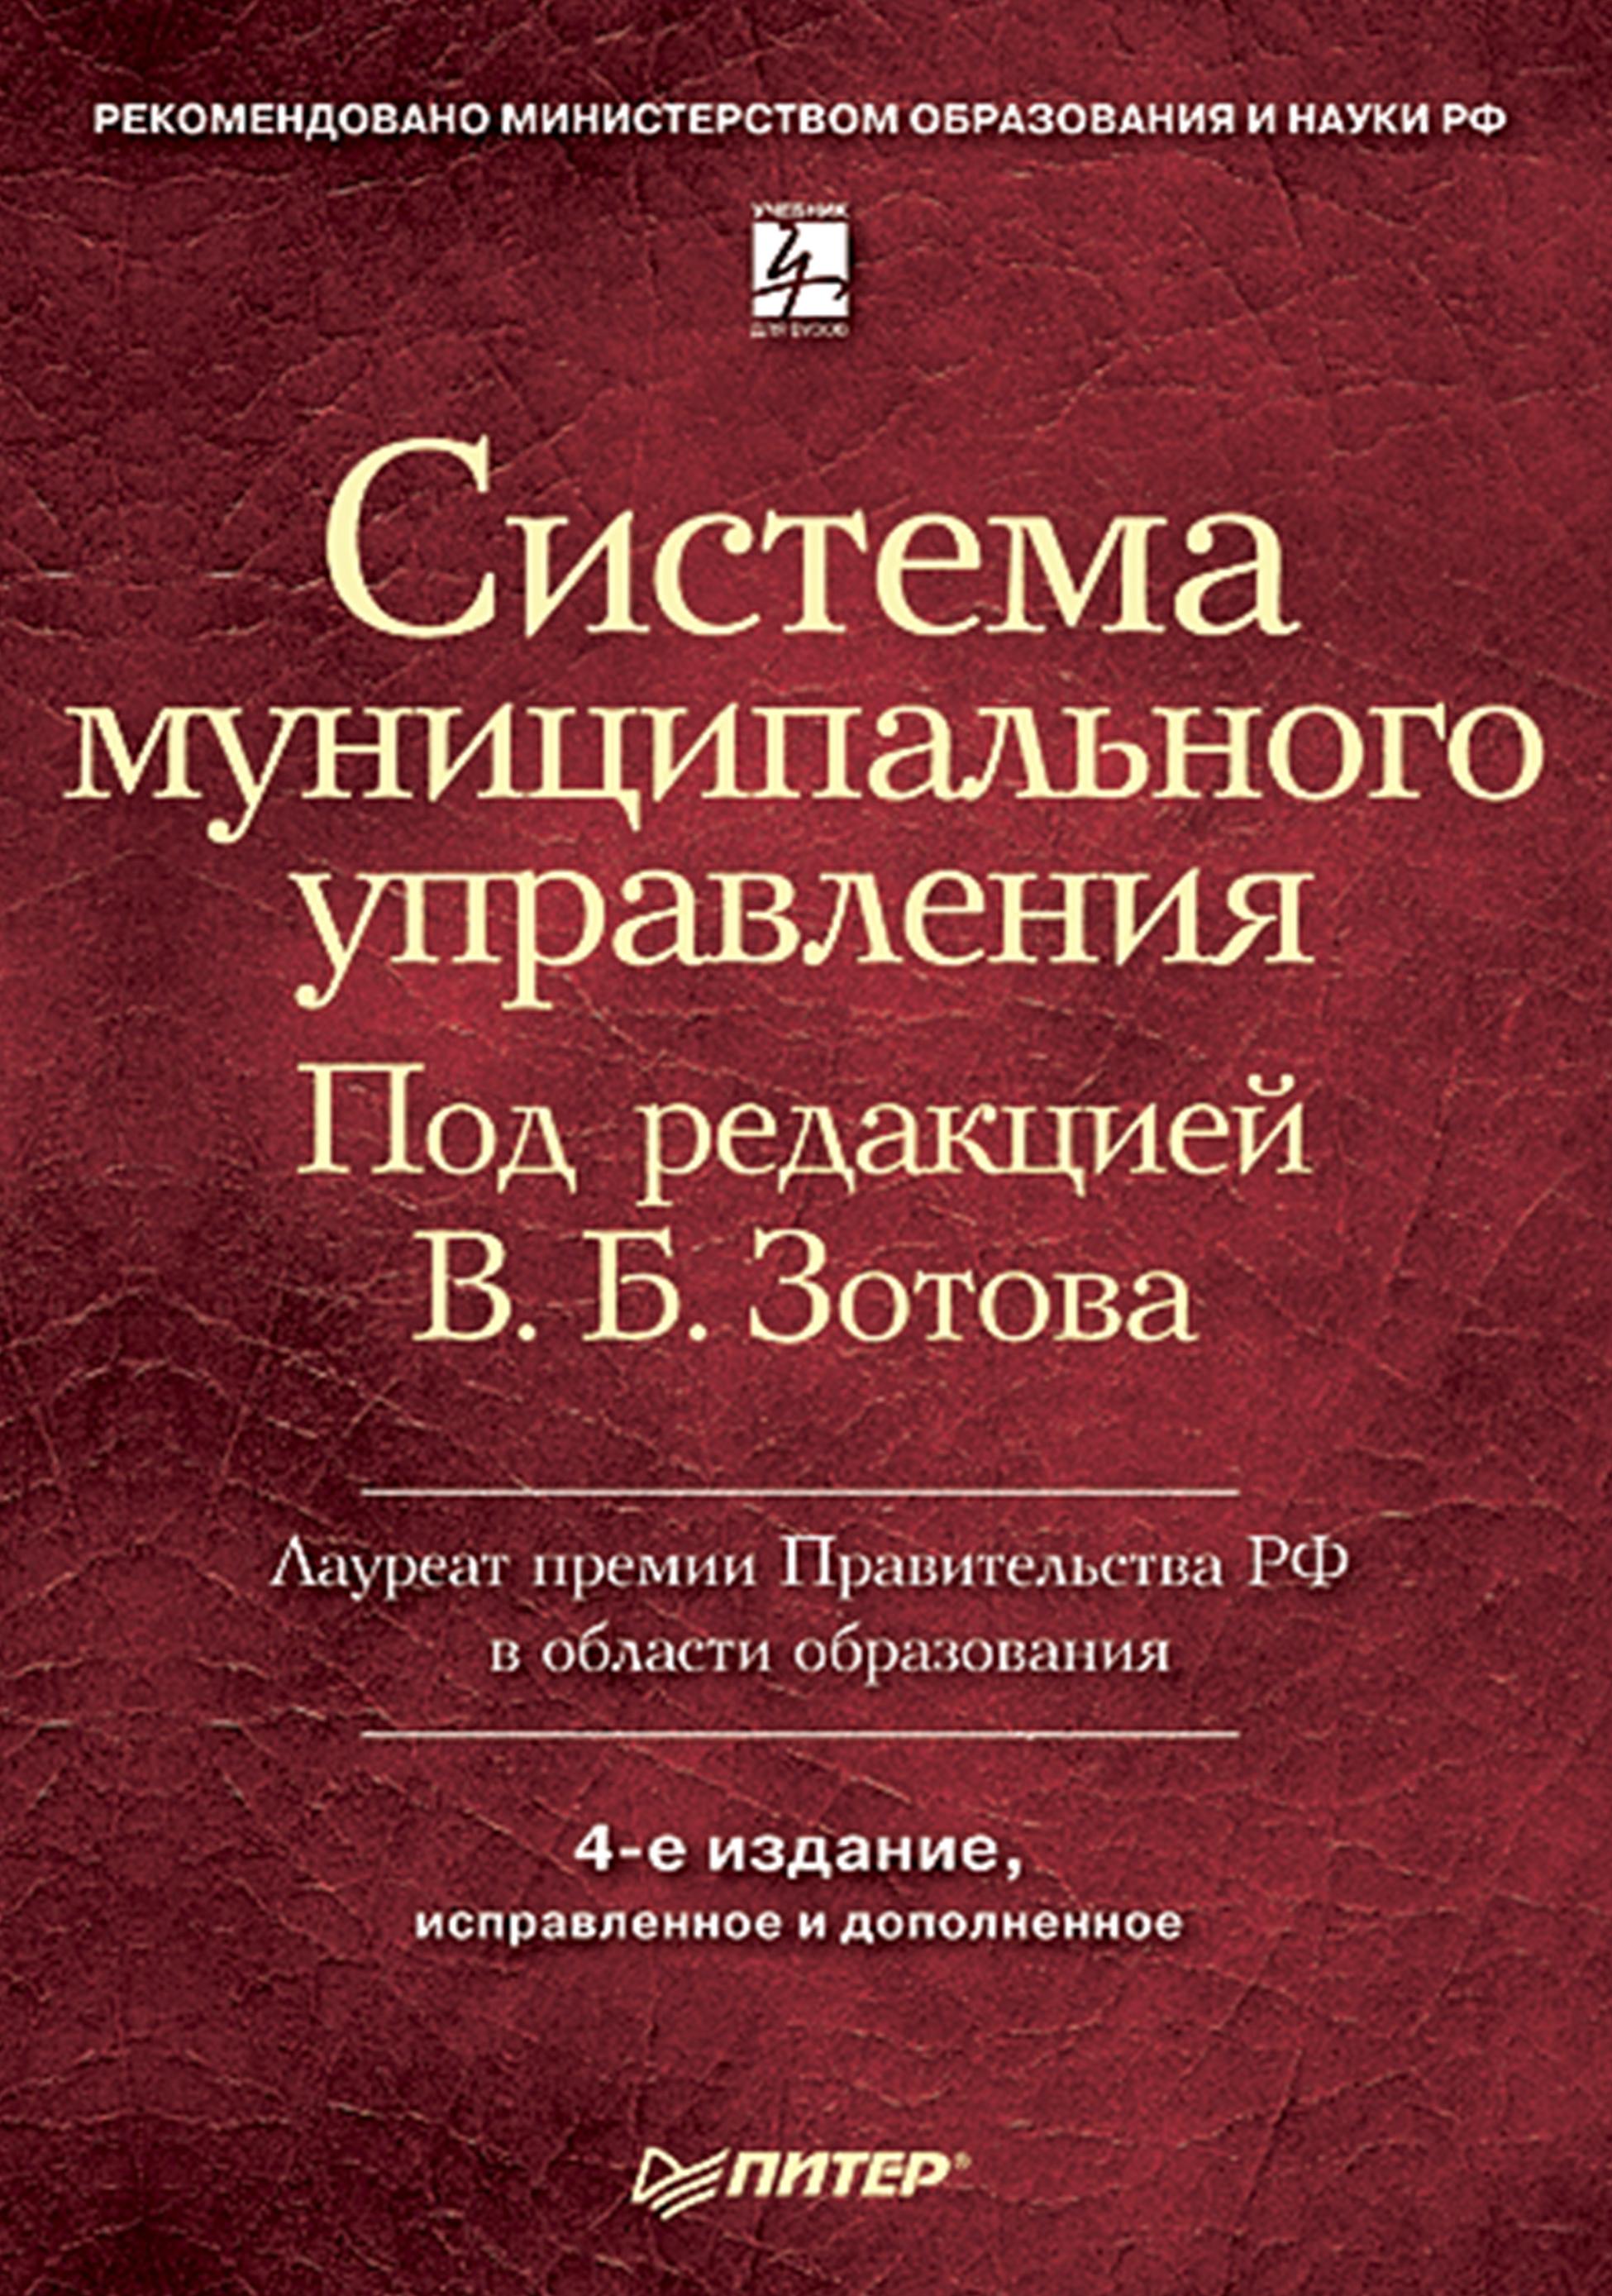 Коллектив авторов Система муниципального управления